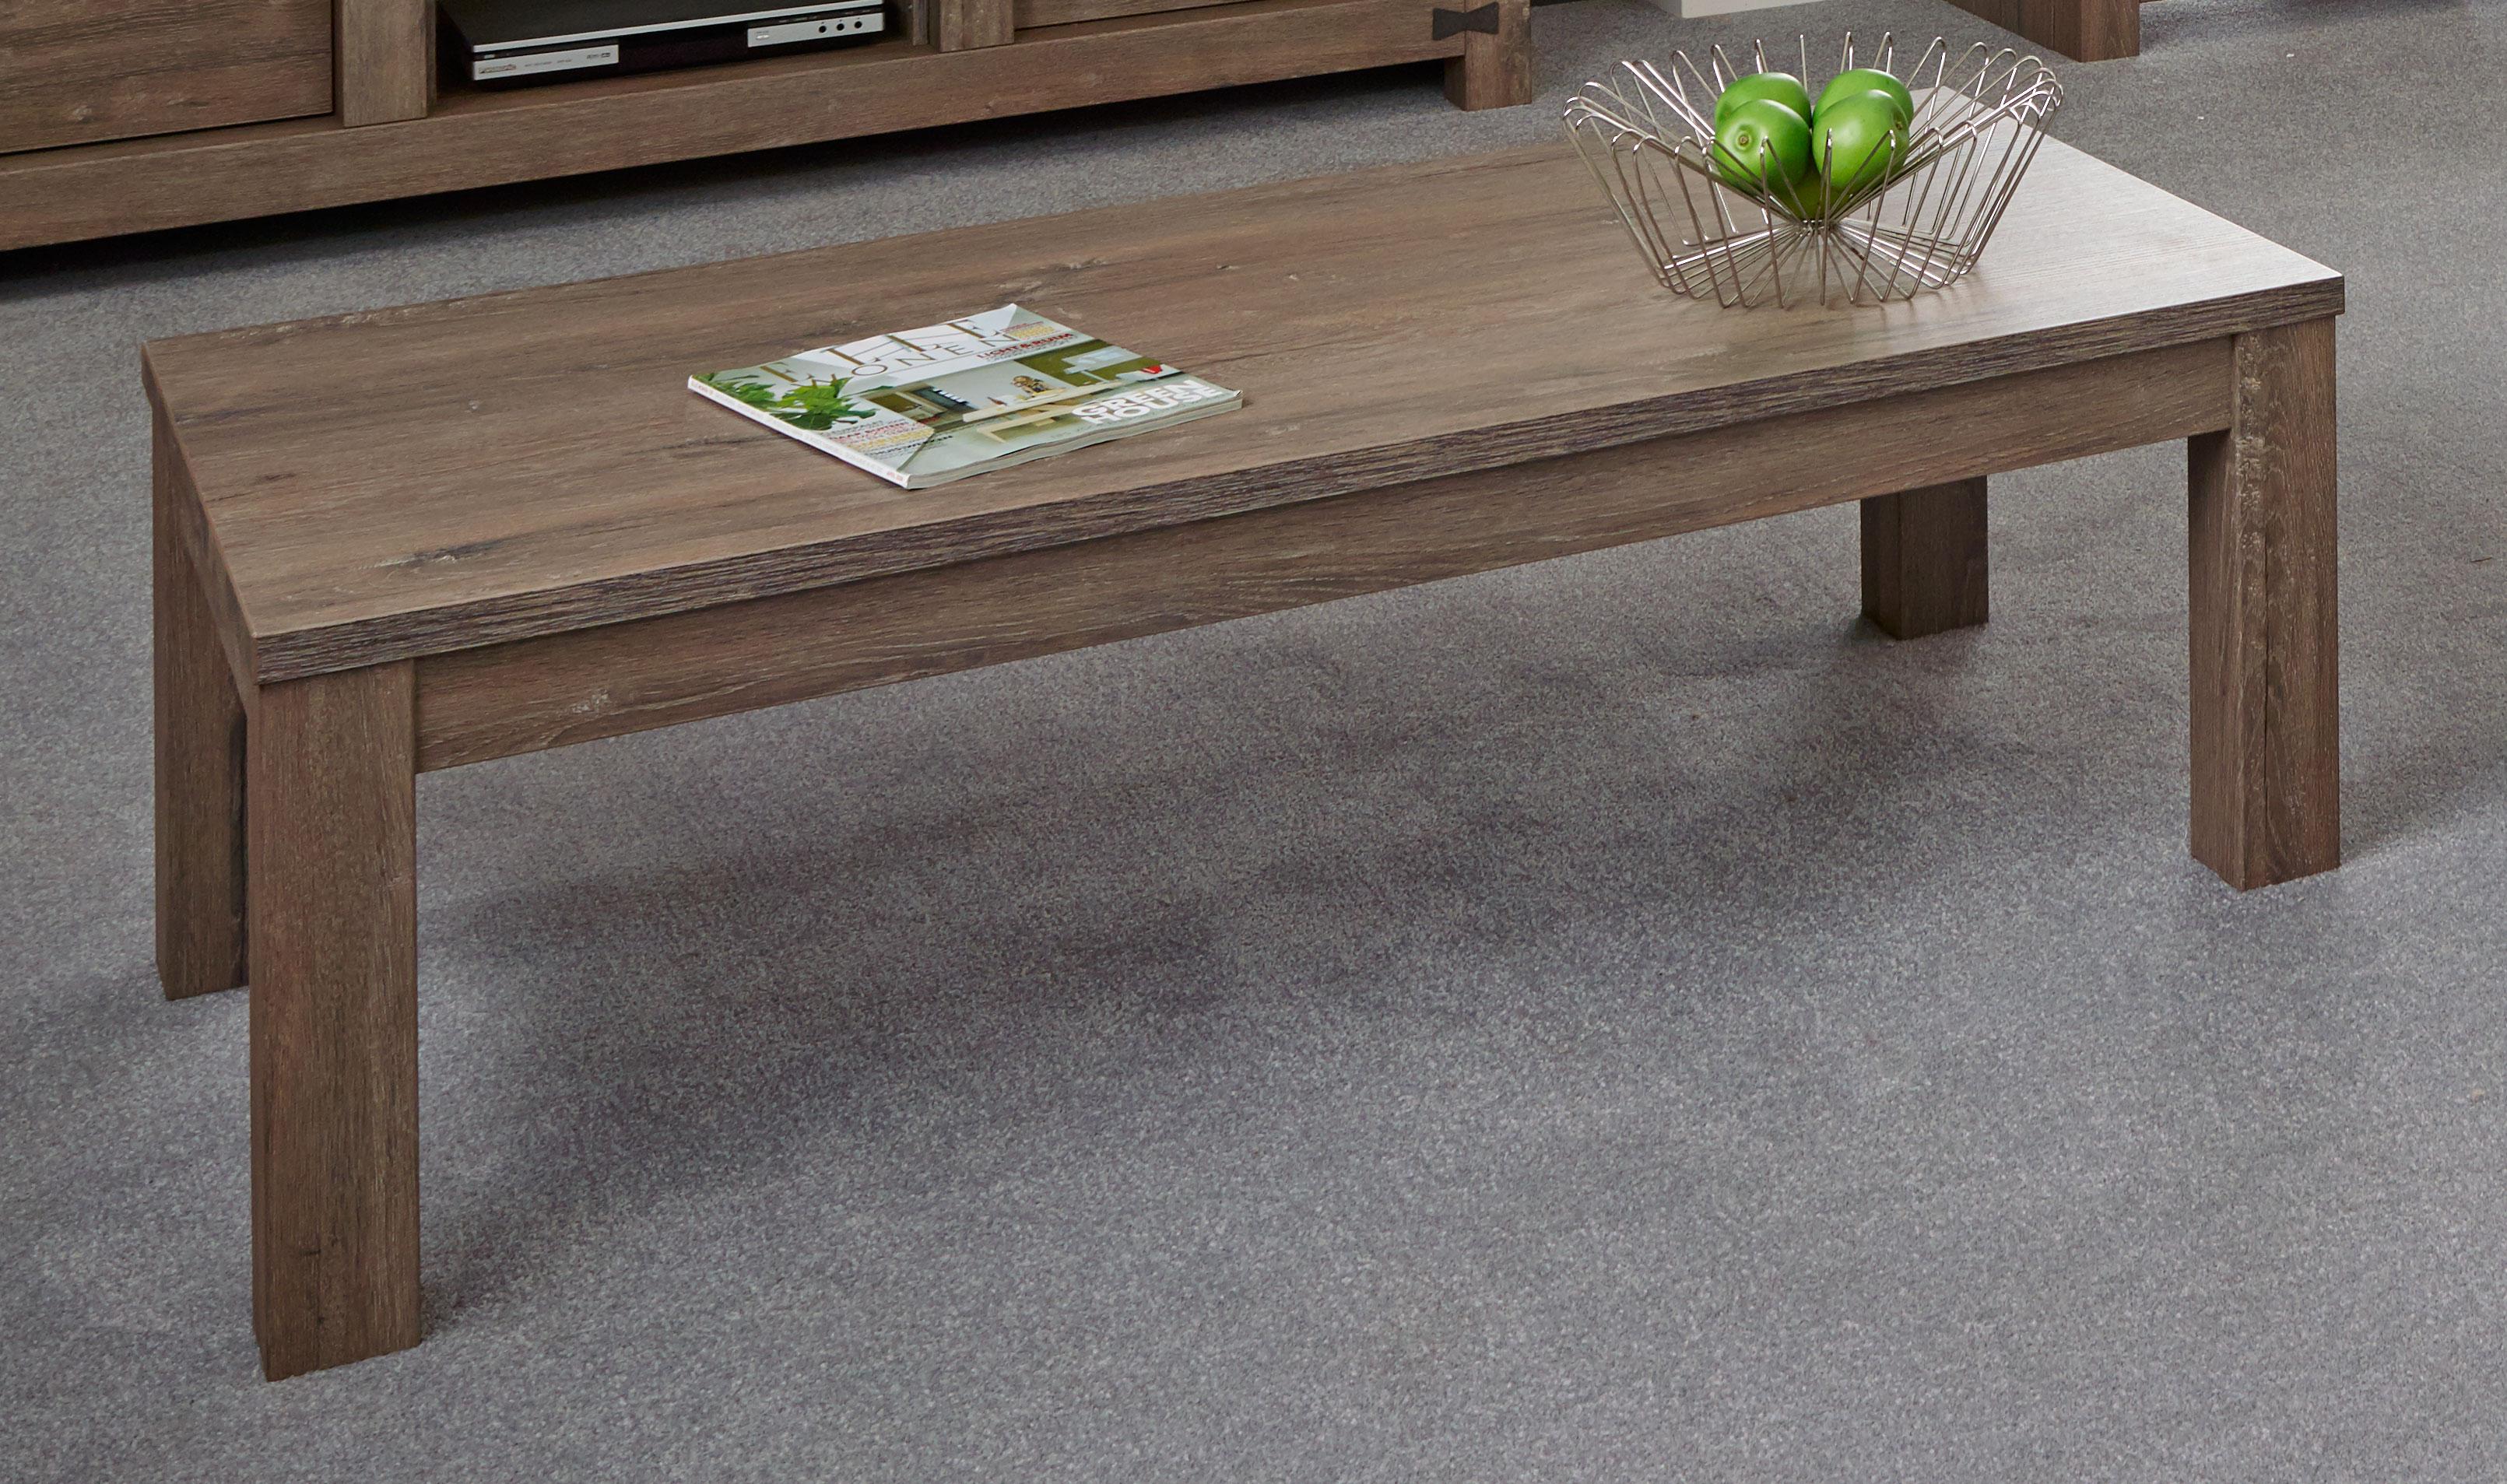 Table basse retangulaire contemporaine coloris chêne brun Koxie